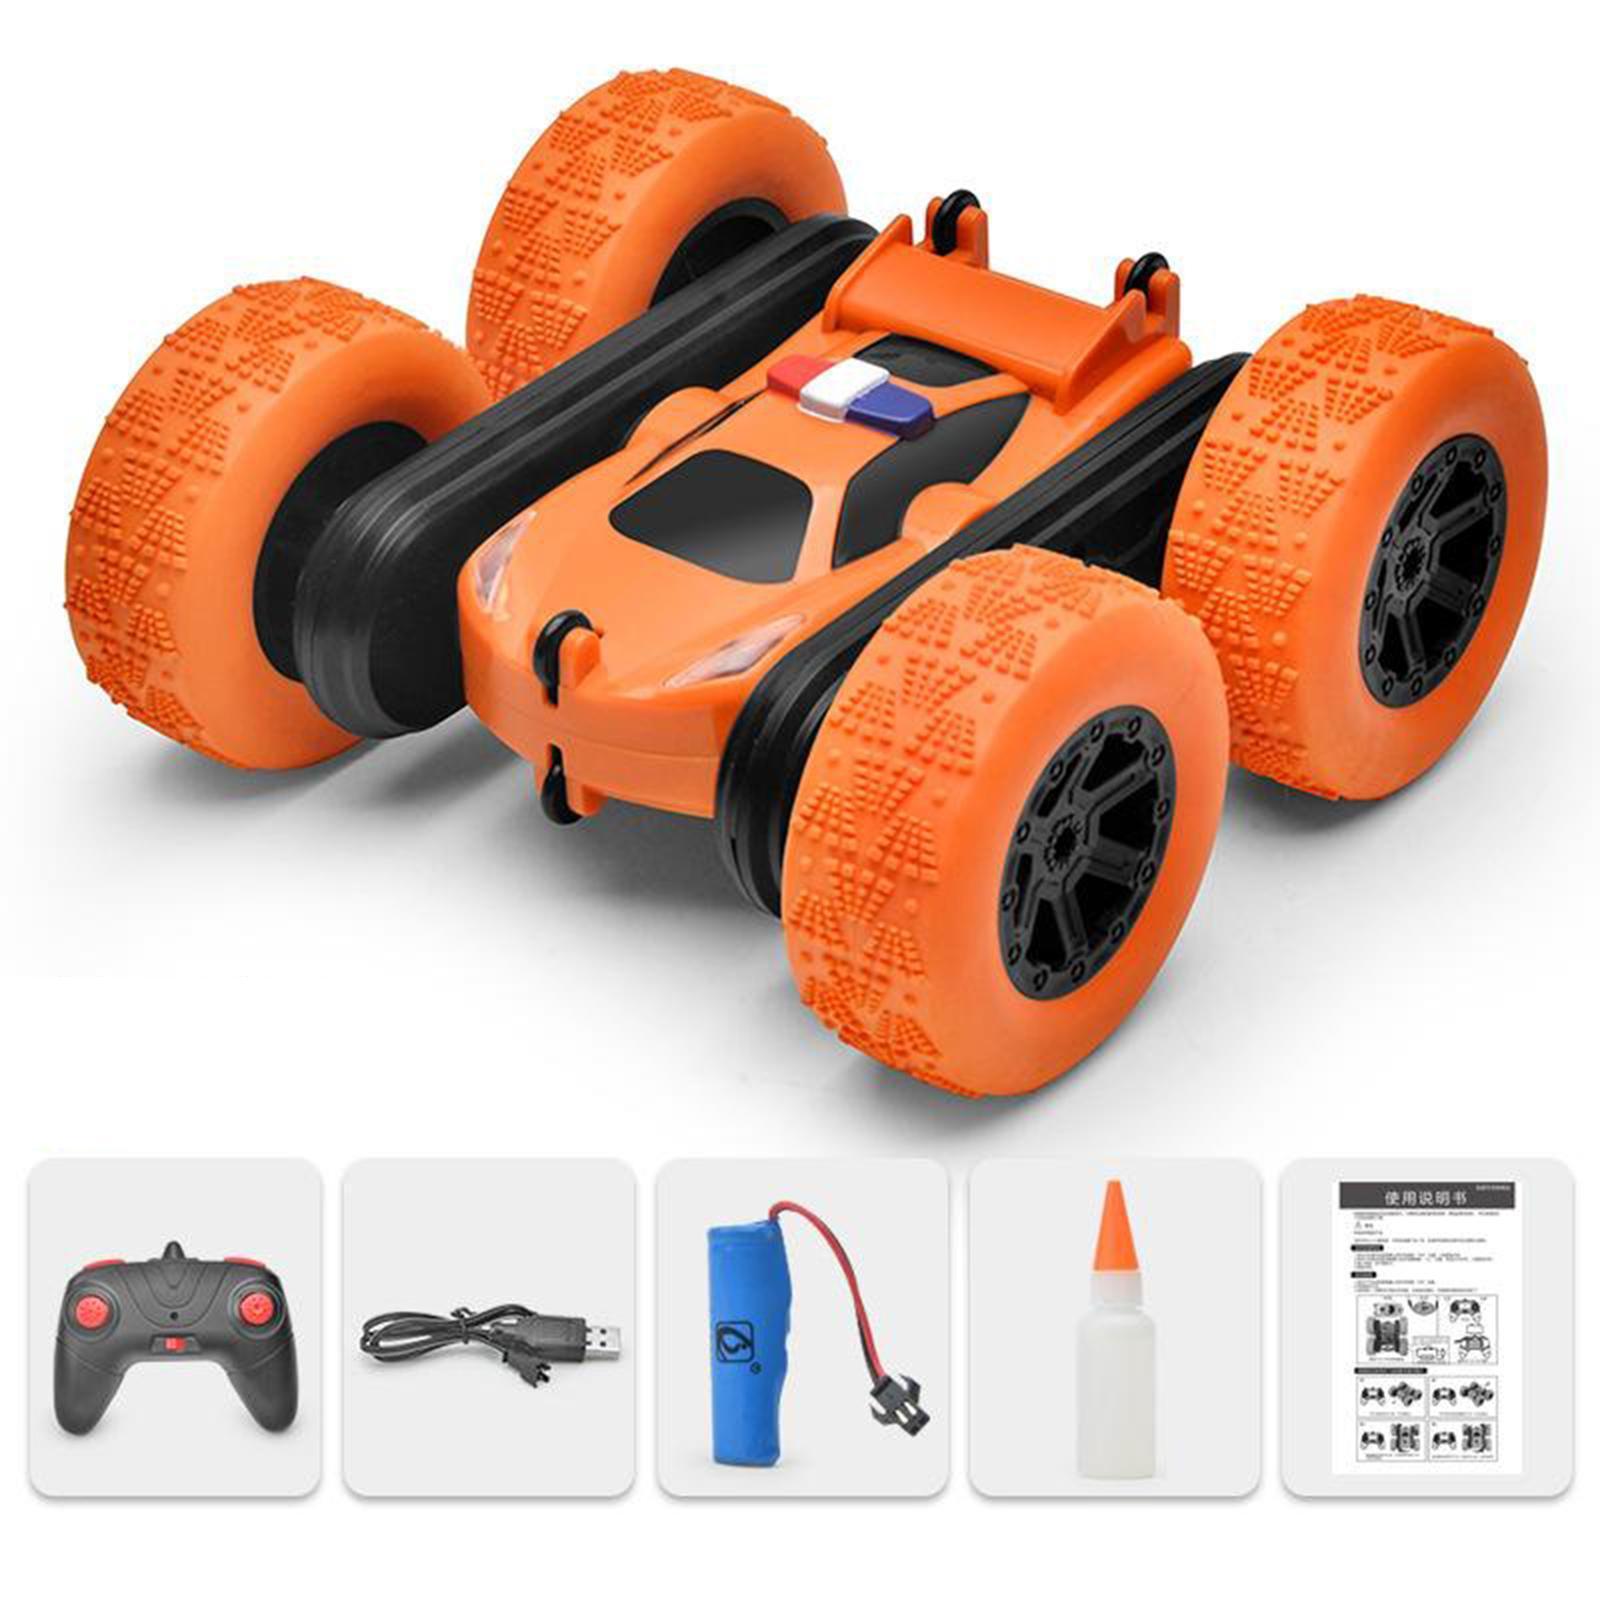 miniatura 40 - Telecomando Auto Stunt Car Giocattolo Per Bambini 2.4GHz di Controllo Remoto